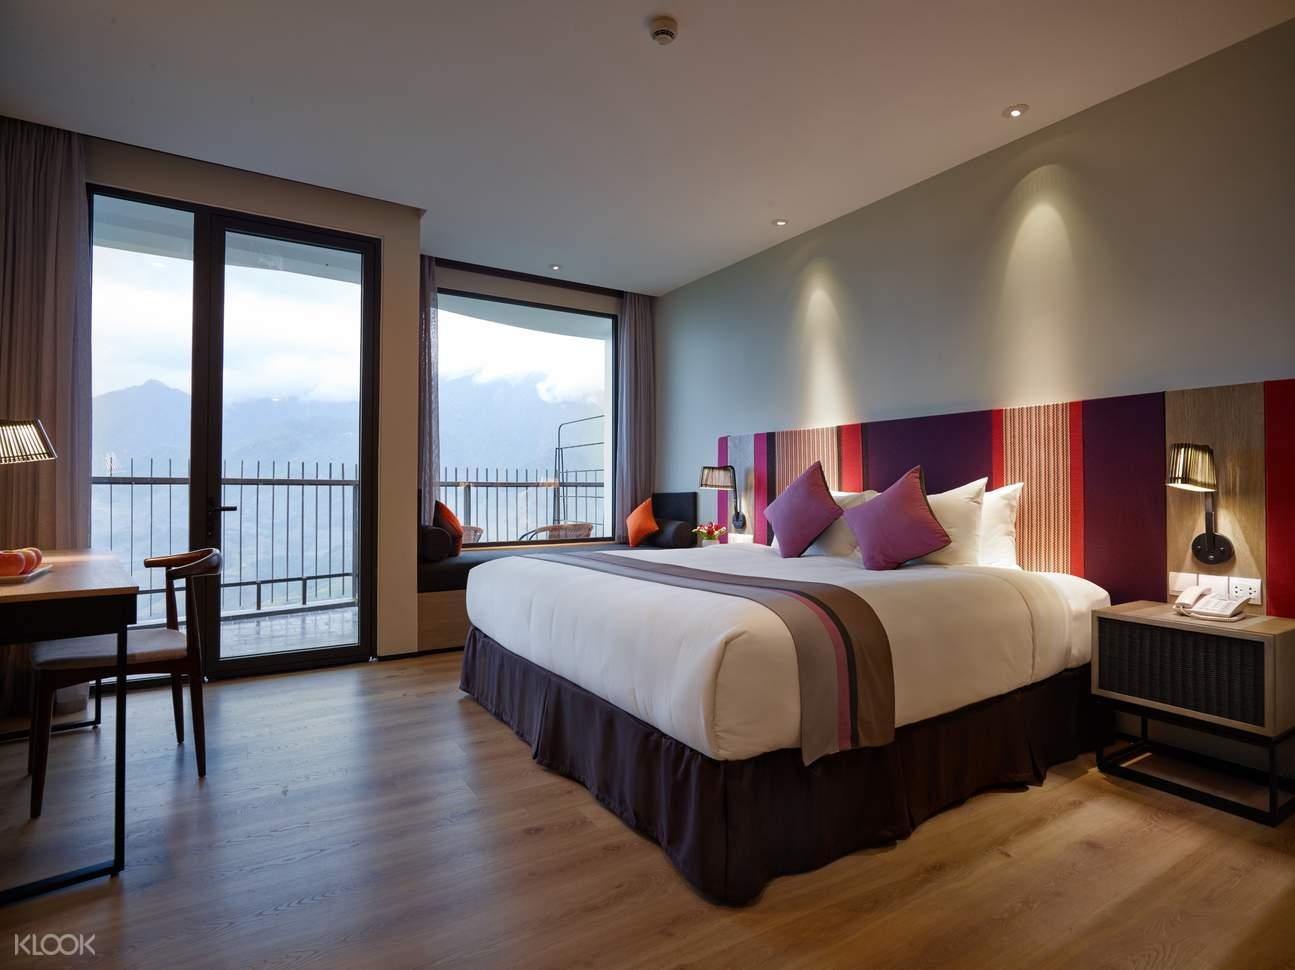 Nghỉ ngơi và thư giãn 1 đêm hoặc 2 đêm tại Pao's Sapa Leisure Hotel